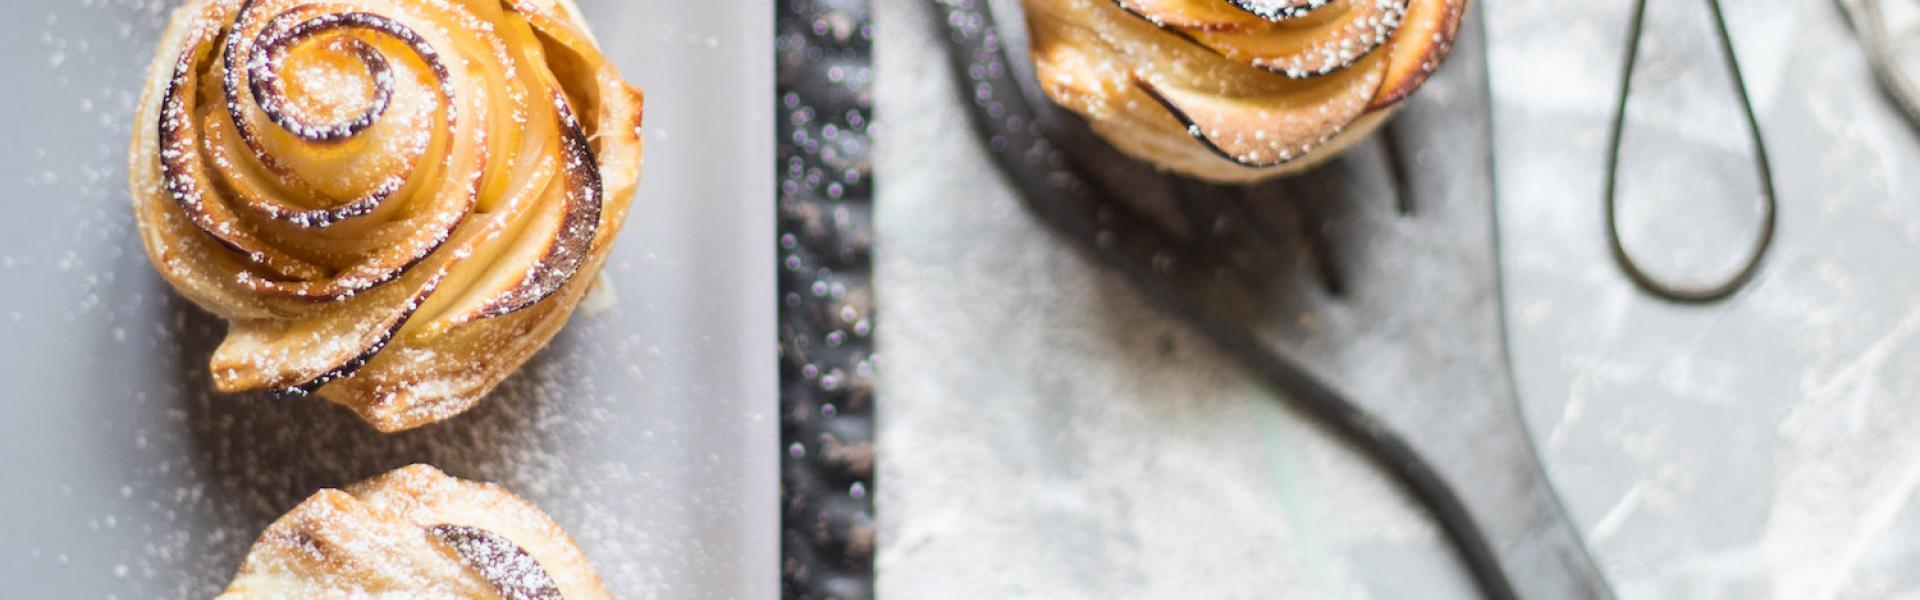 Mehrere Apfelrosenmuffin auf einem gedeckten Kaffeetisch angerichtet.